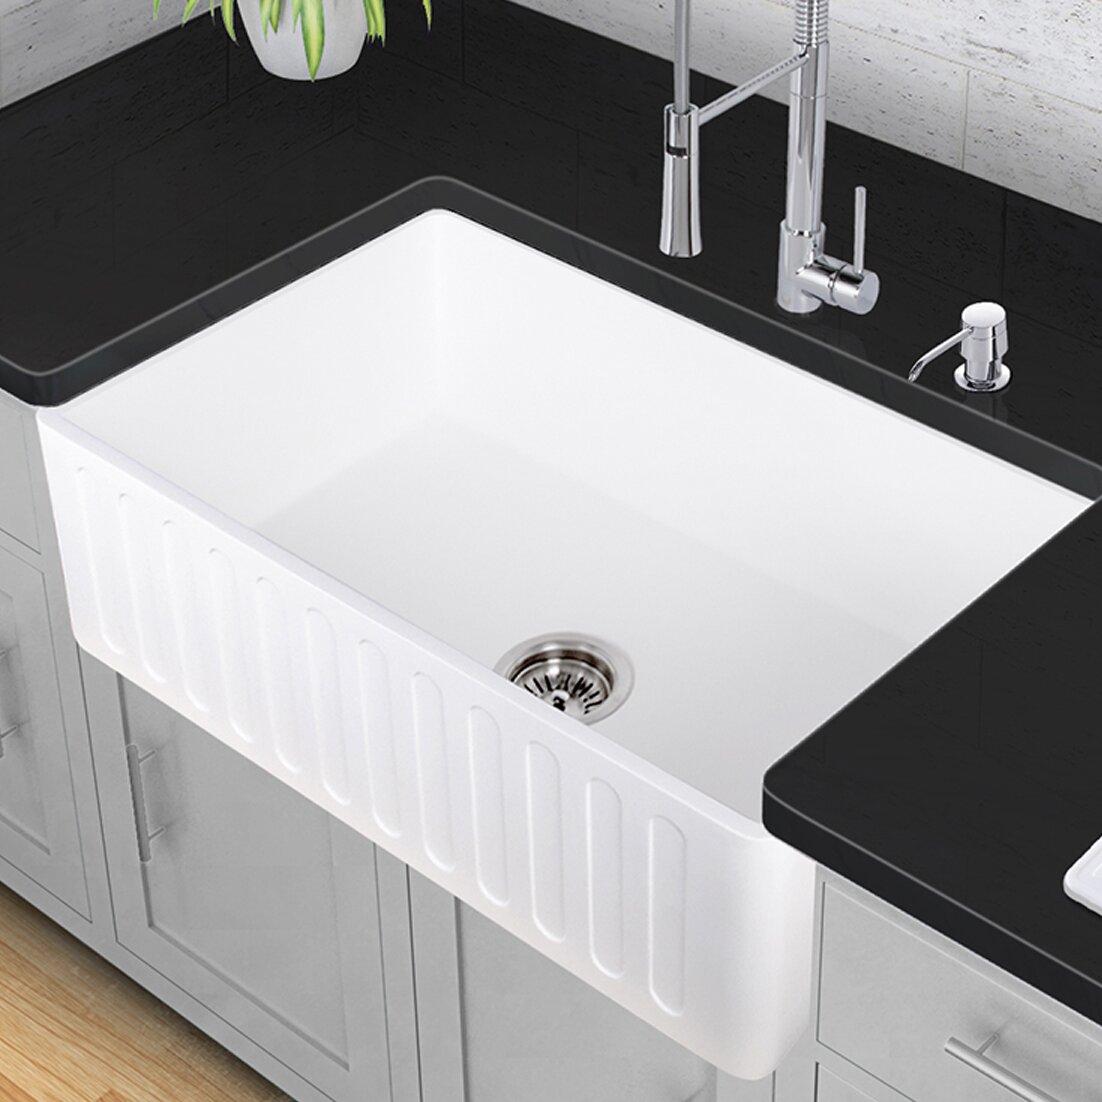 Vigo 33 X 18 Farmhouse Kitchen Sink Reviews Wayfair